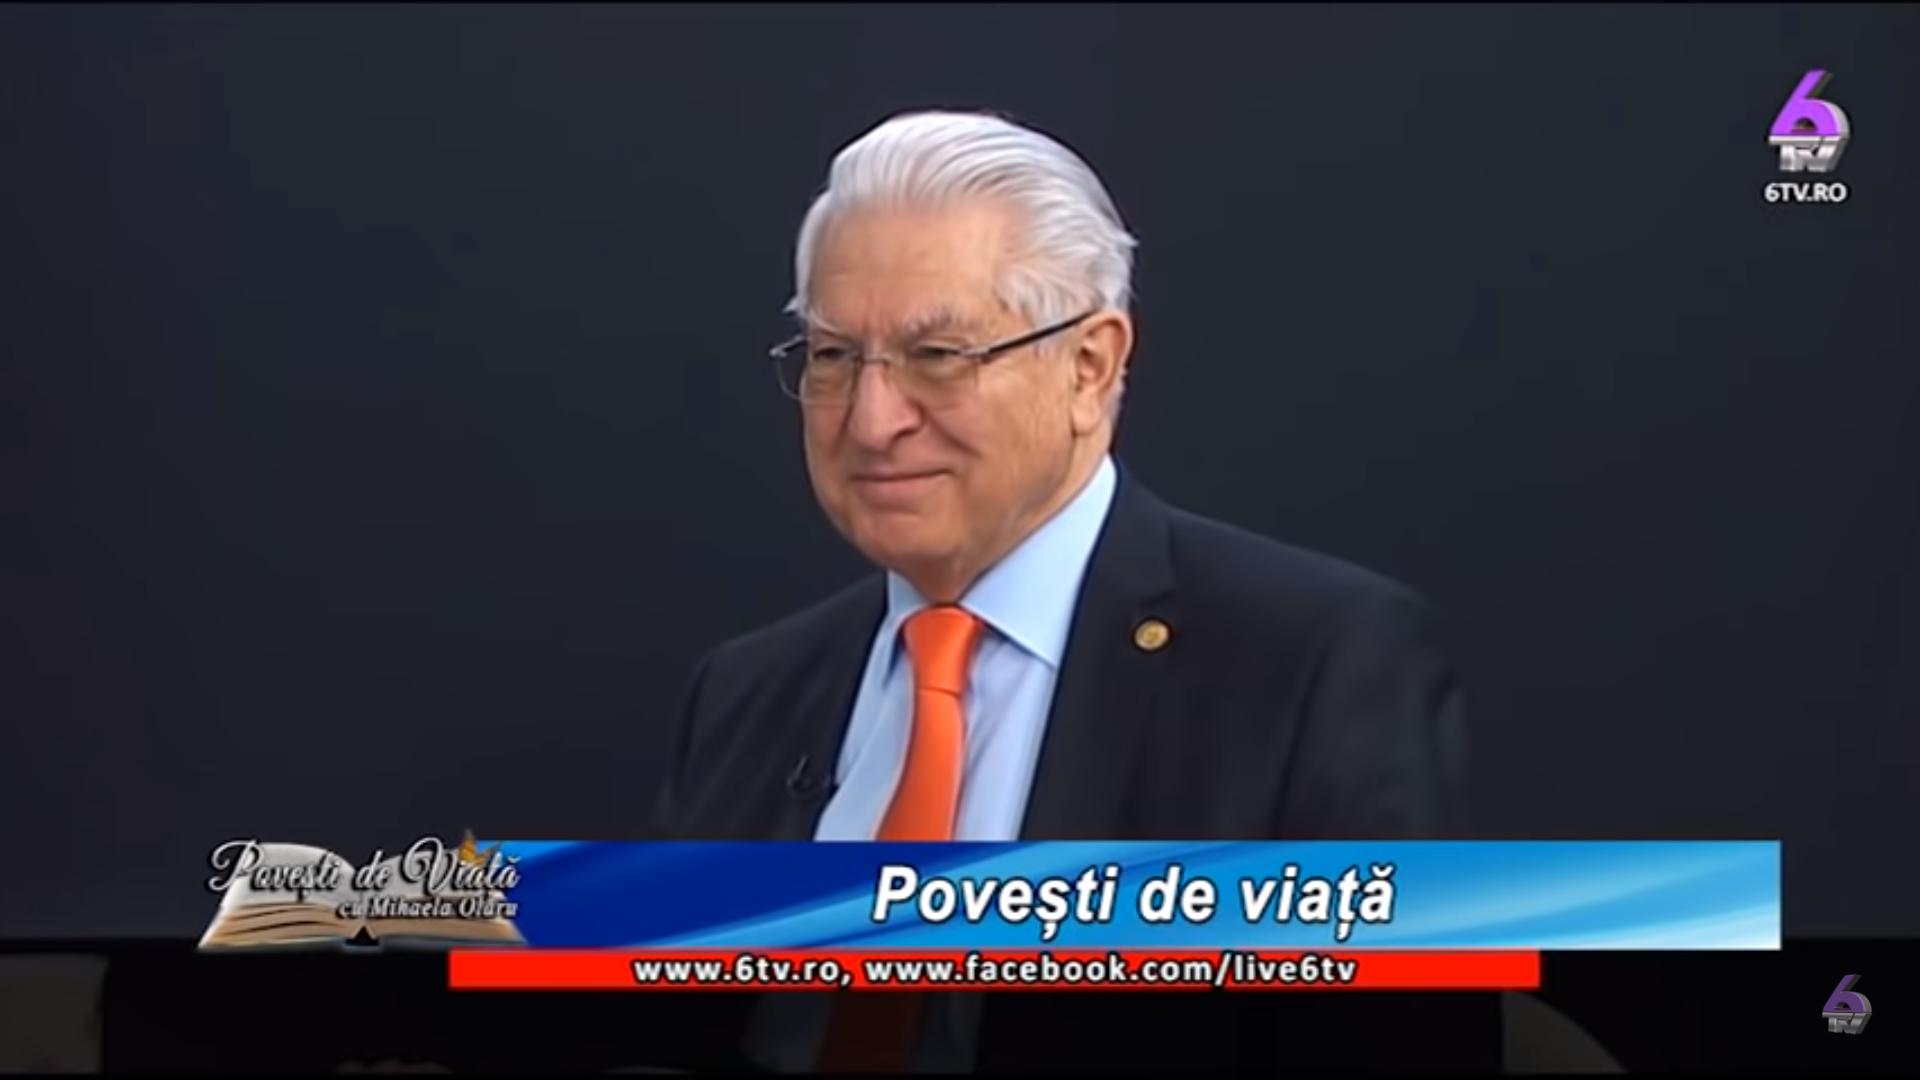 5. Prof. Univ. Dr. Alexandru Vlad Ciurea